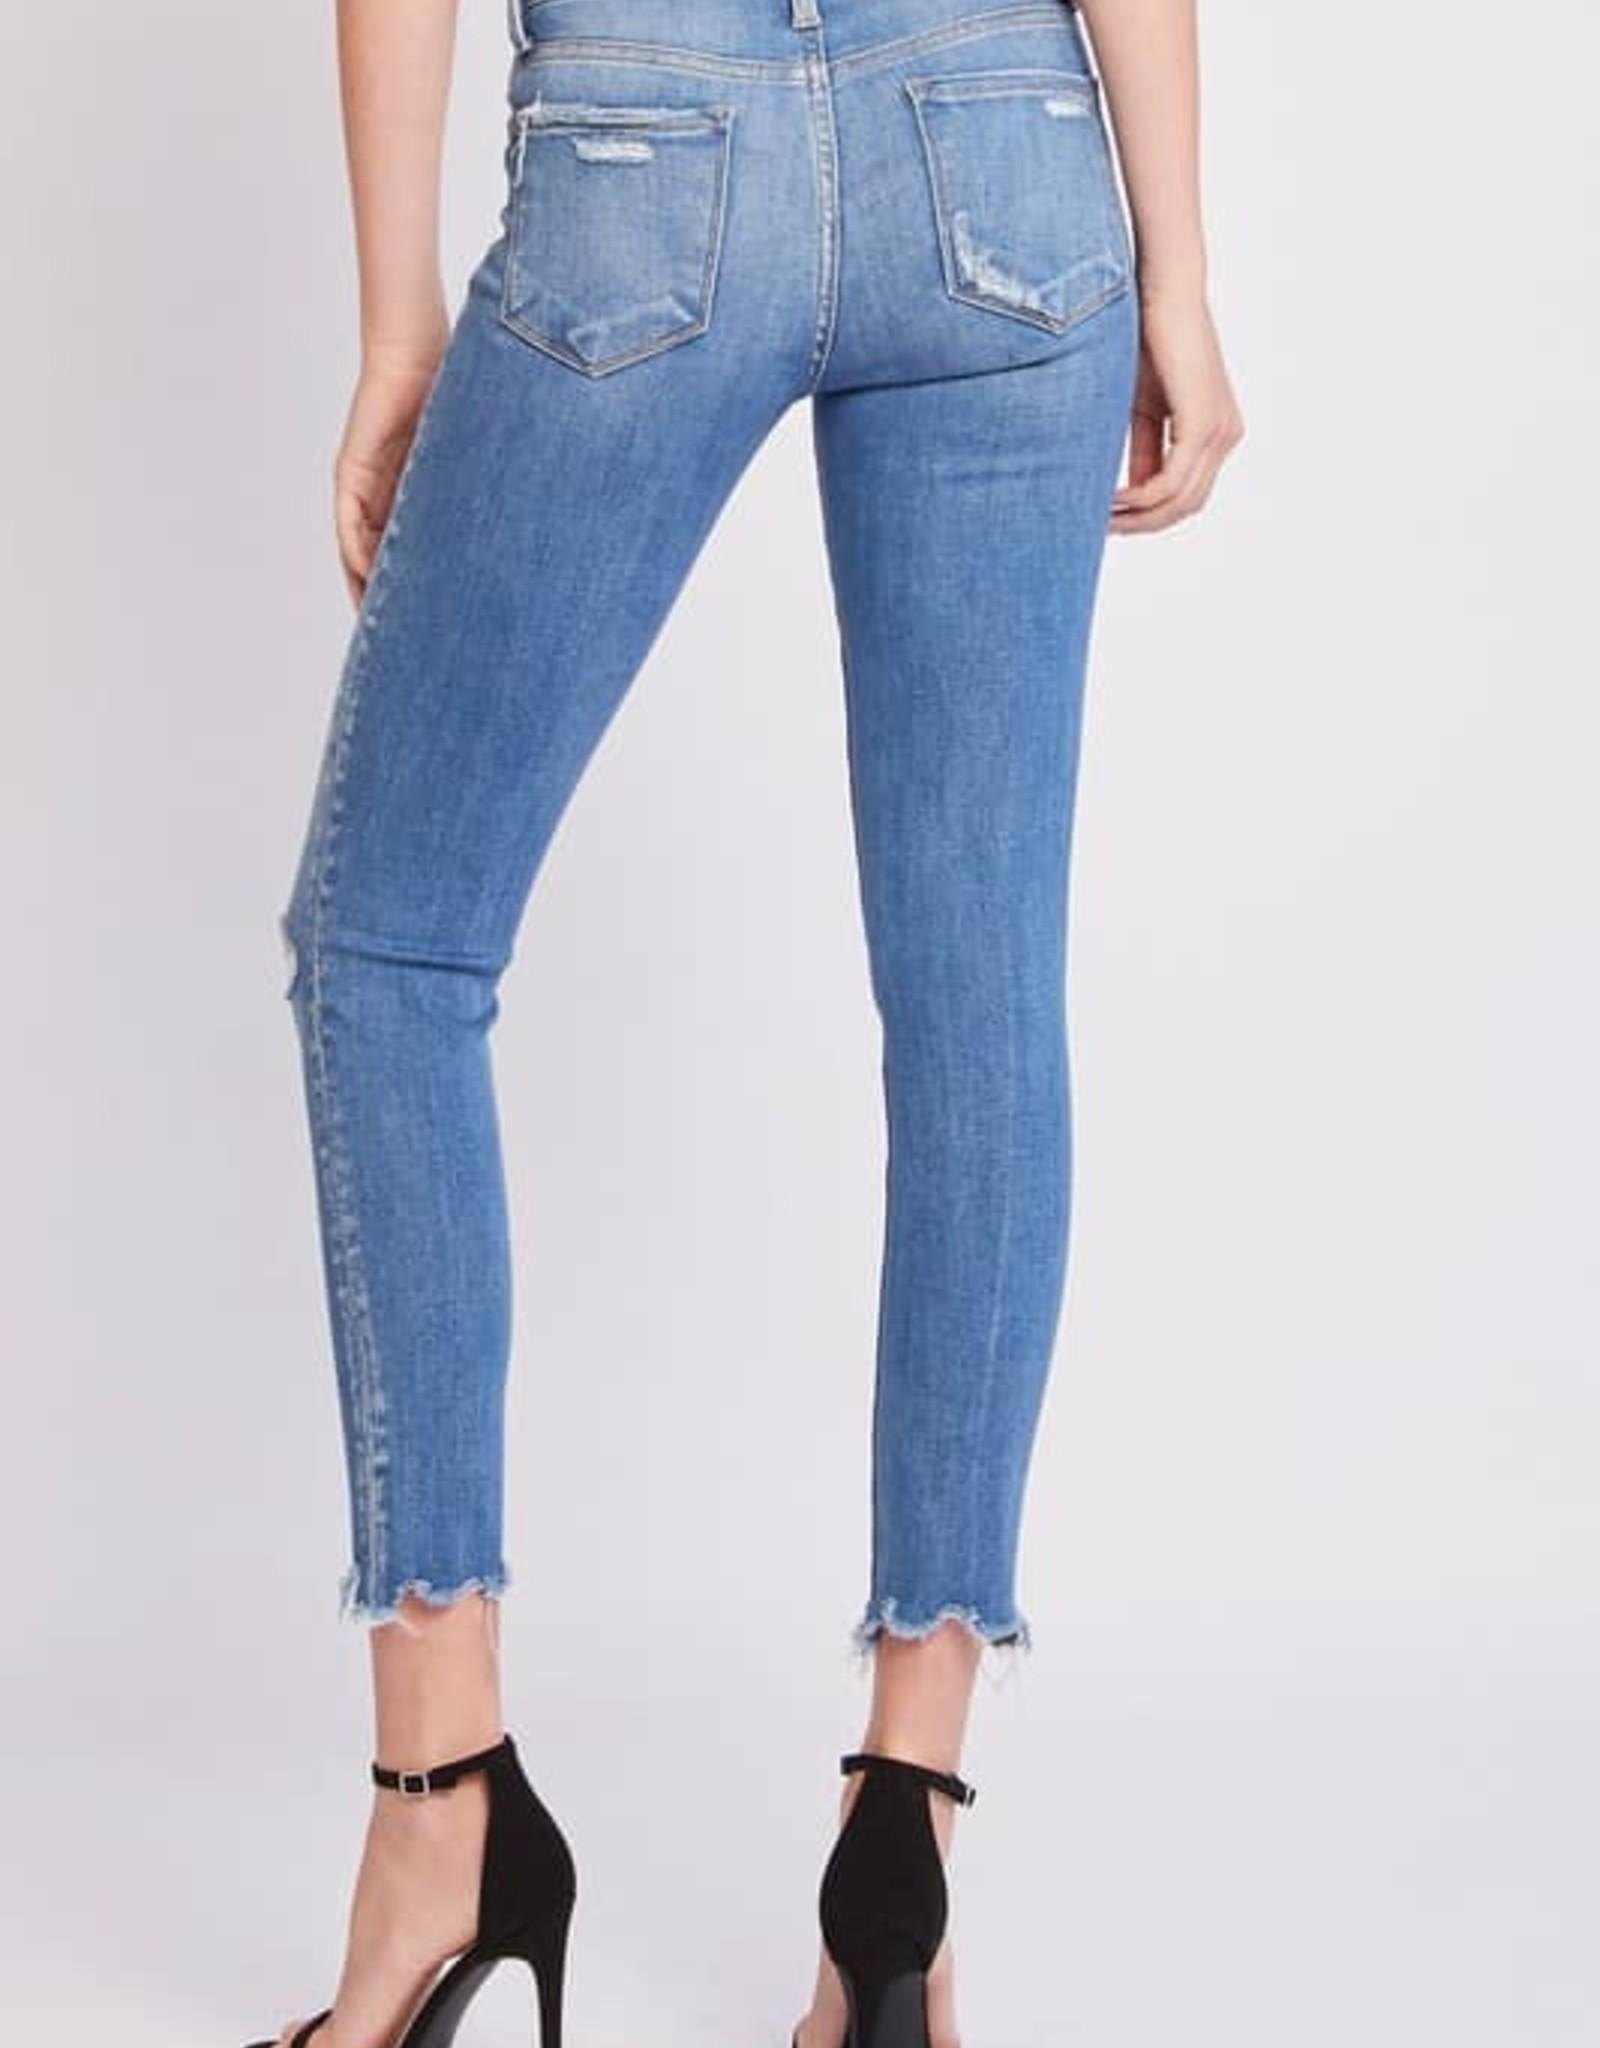 Mid-Rise Raw Hem Skinny Flying Monkey Jeans